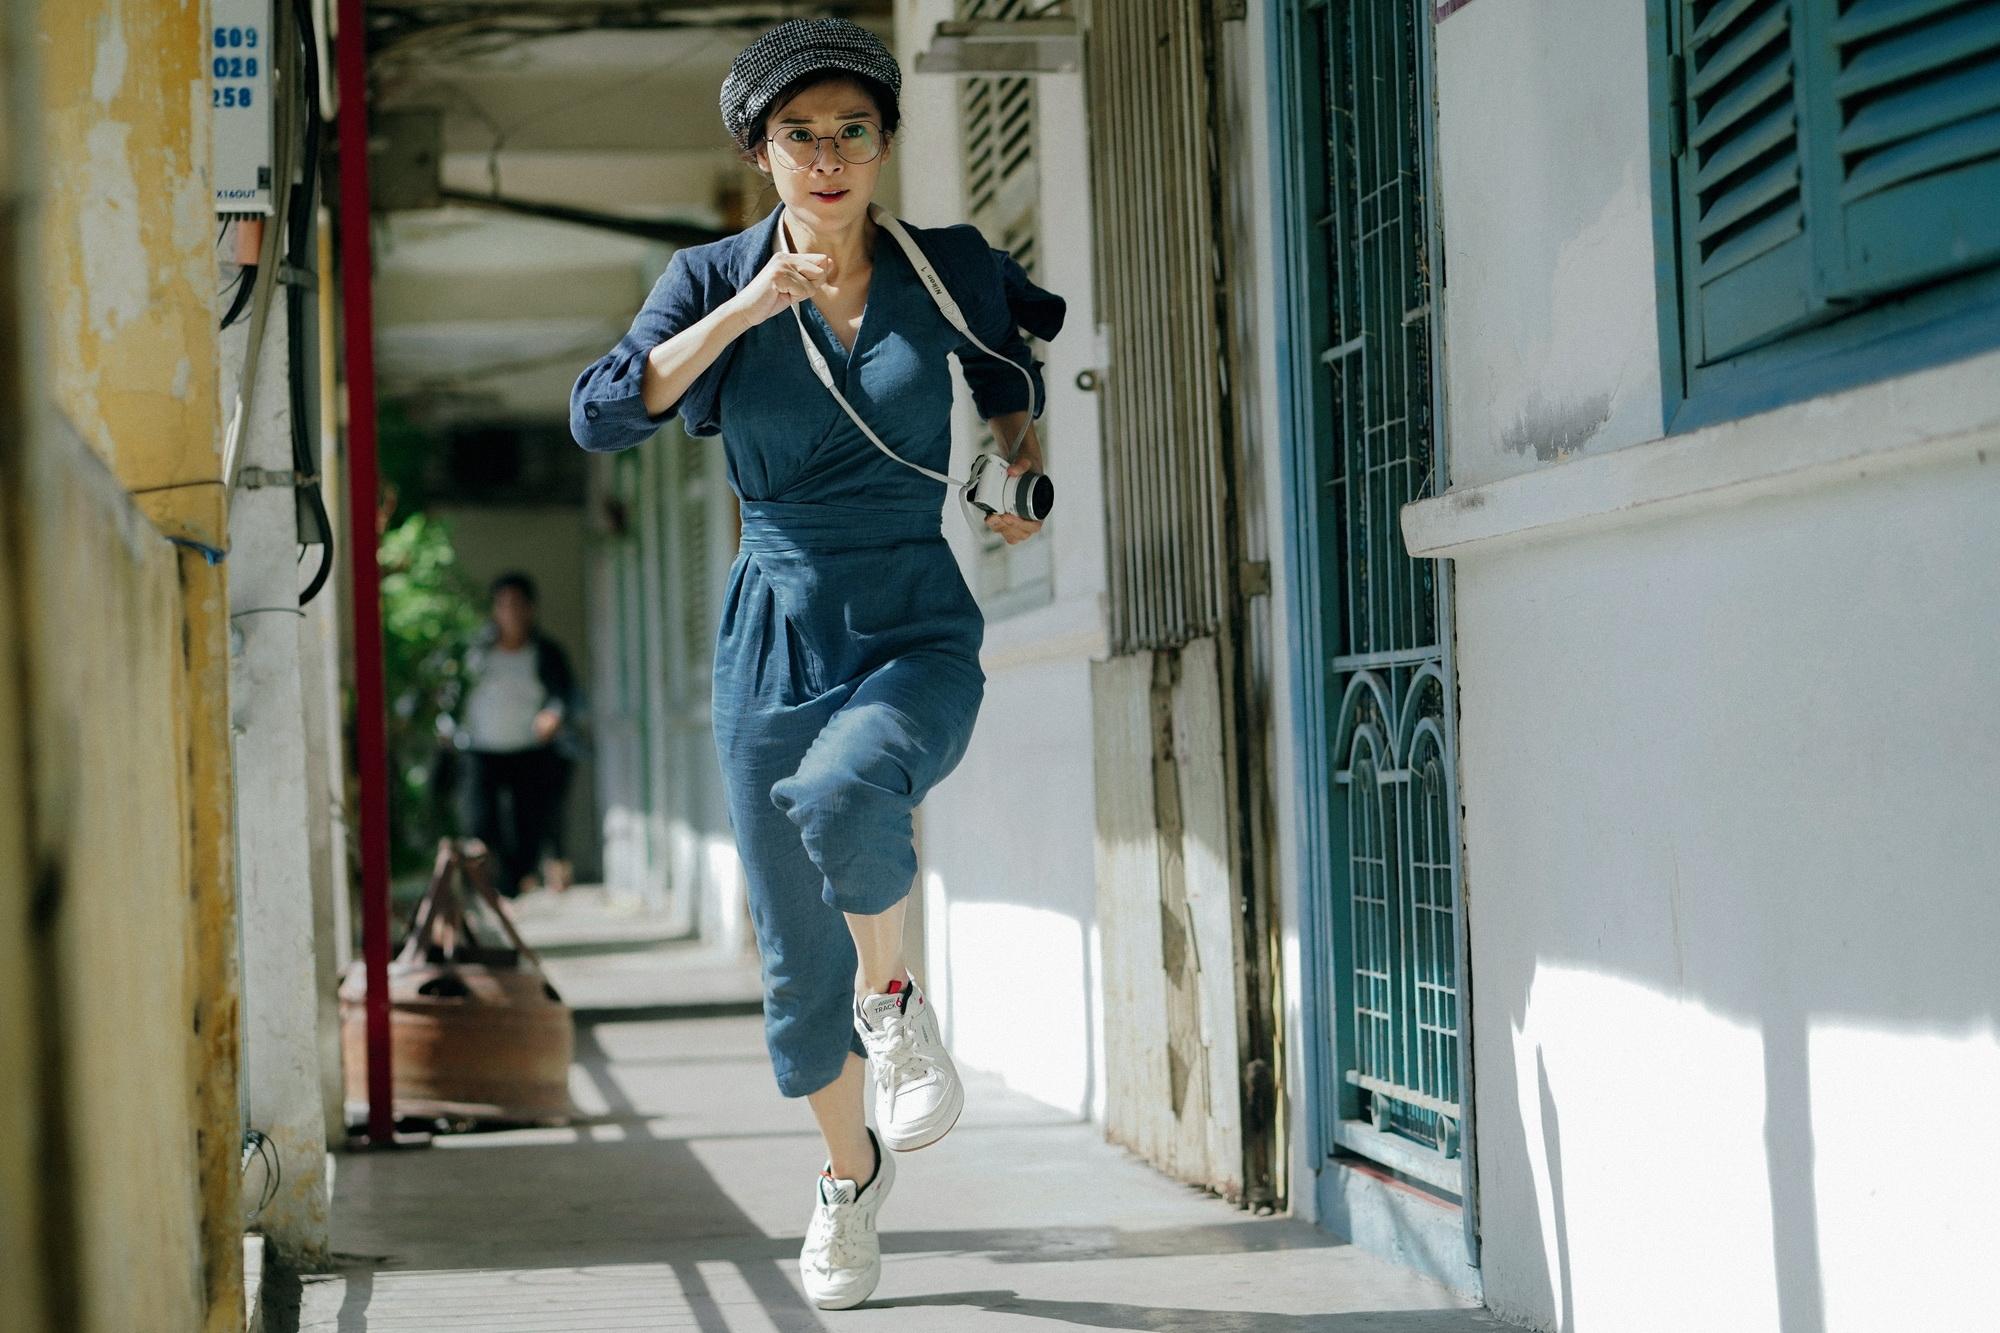 hoang yen chibi lam da nu trong phim cua charlie nguyen